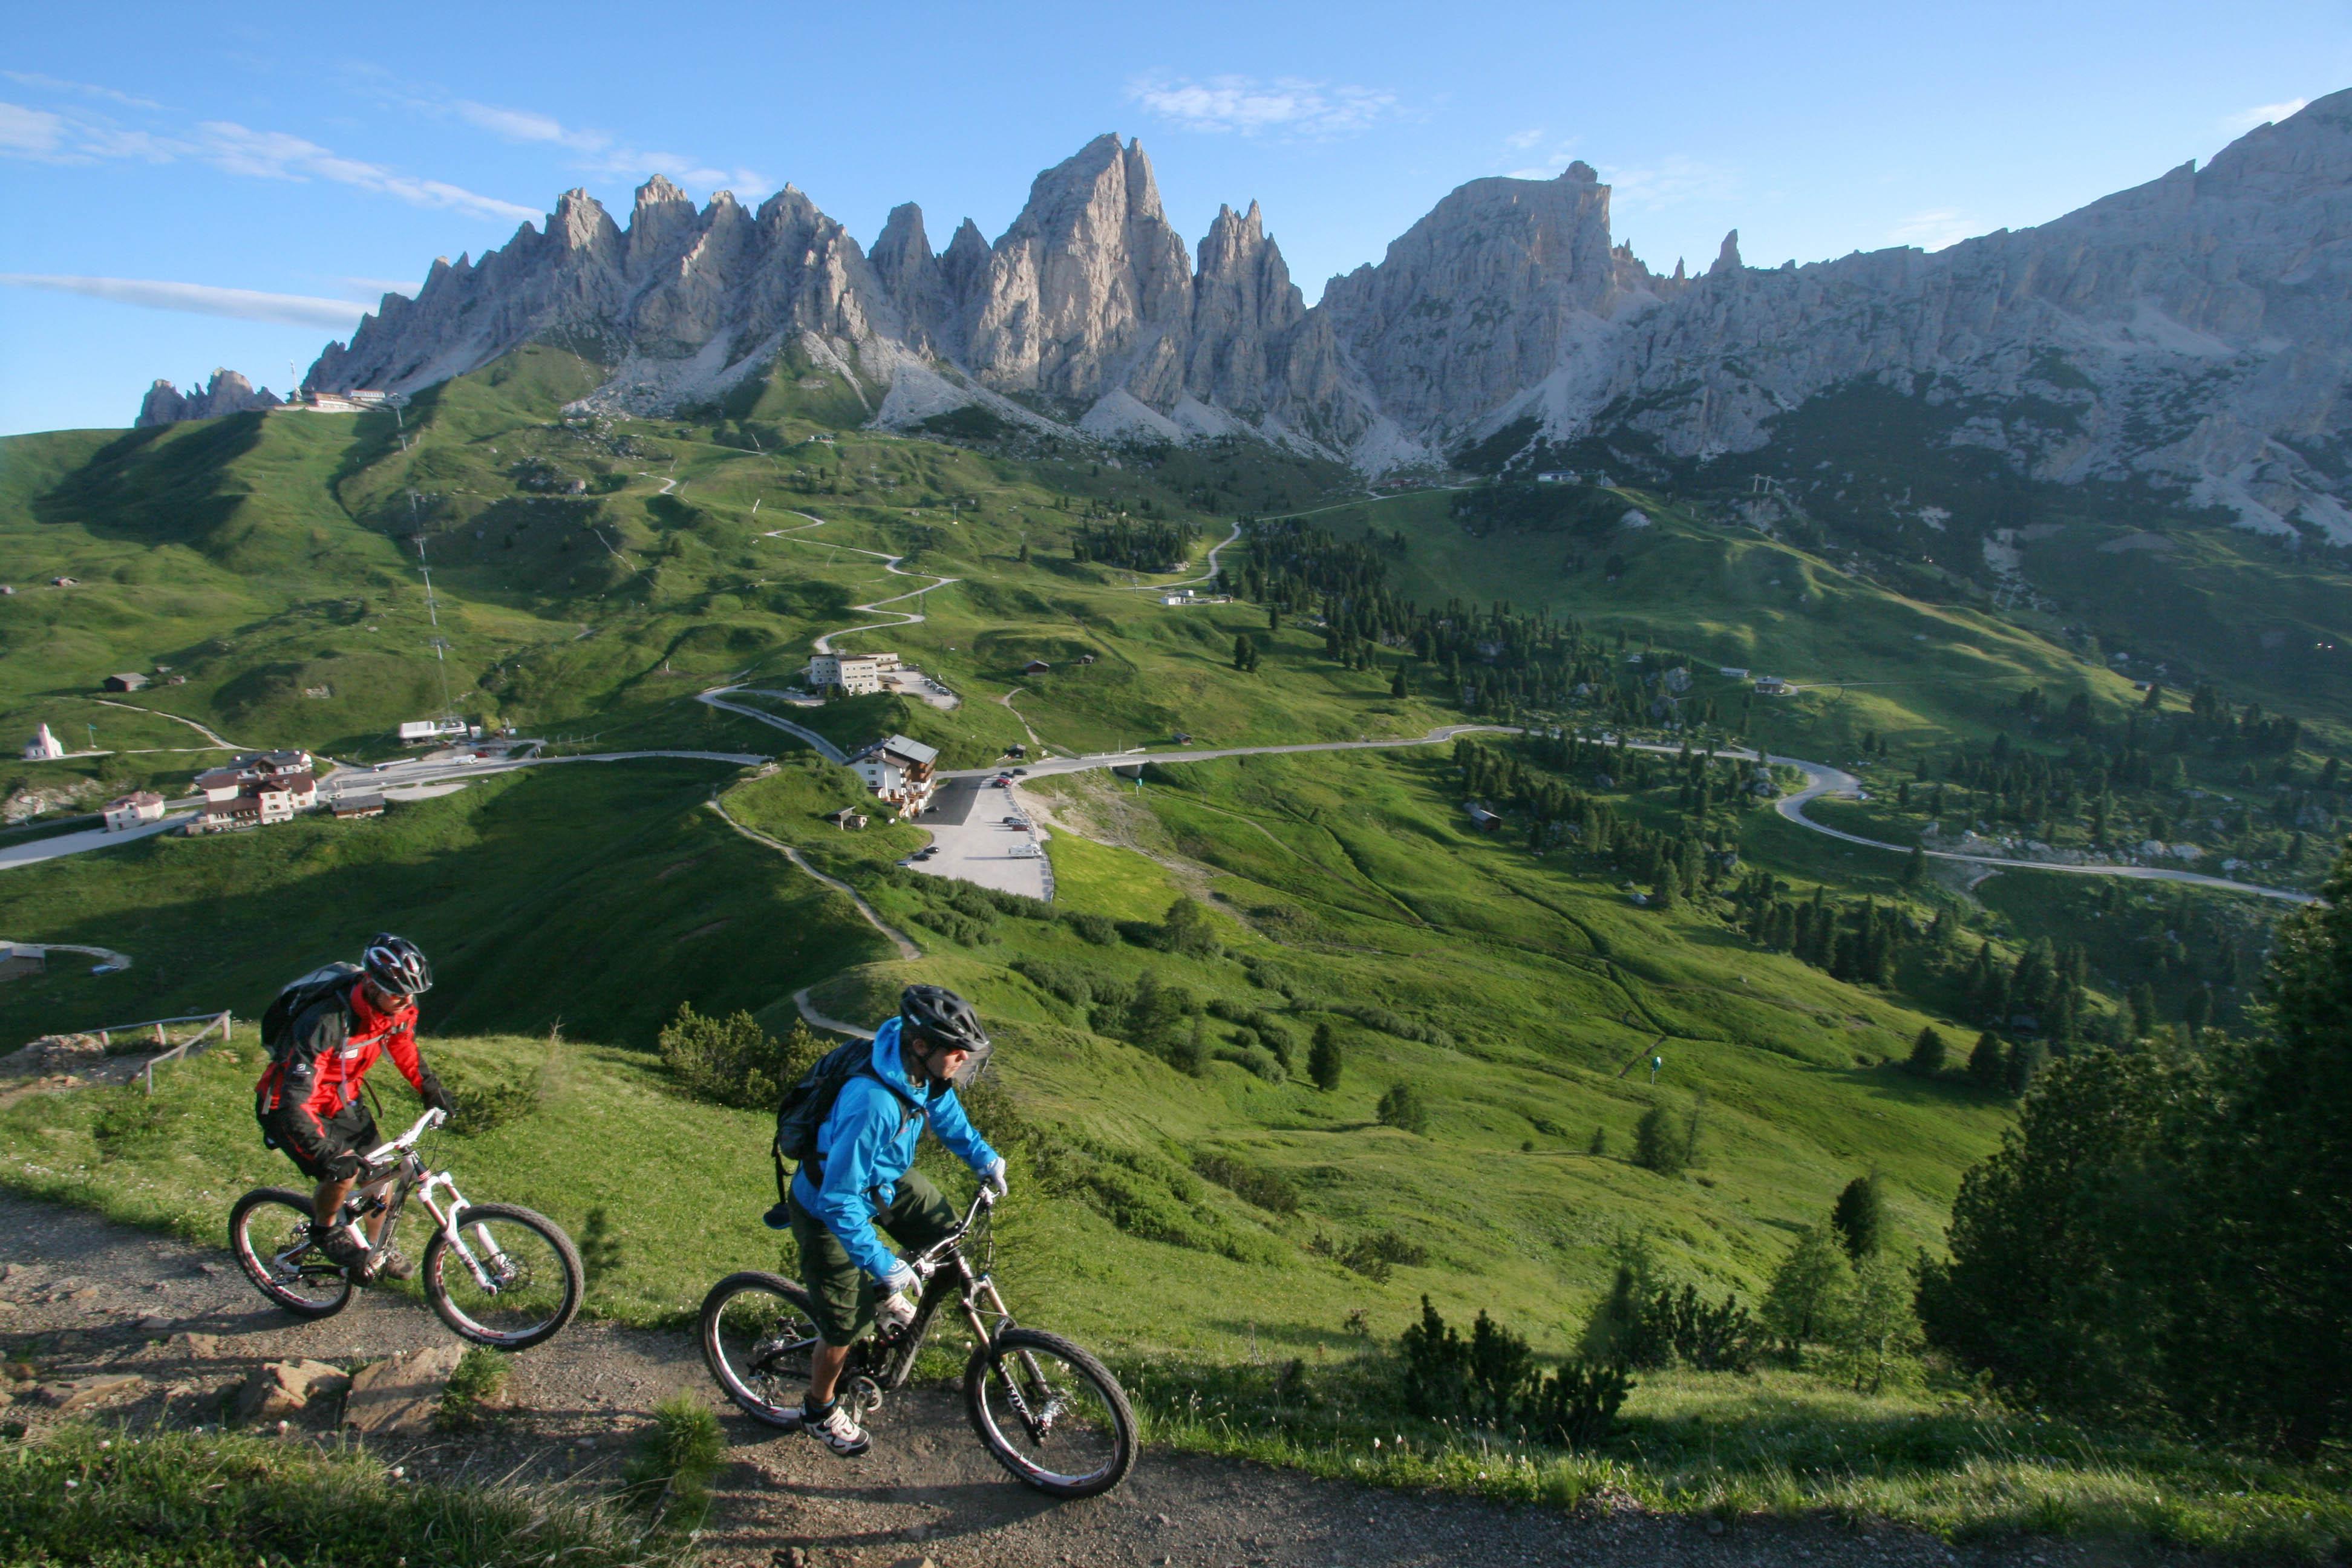 Bicicletta in Val Gardena: settimana intensa dal 20 al 28 giugno